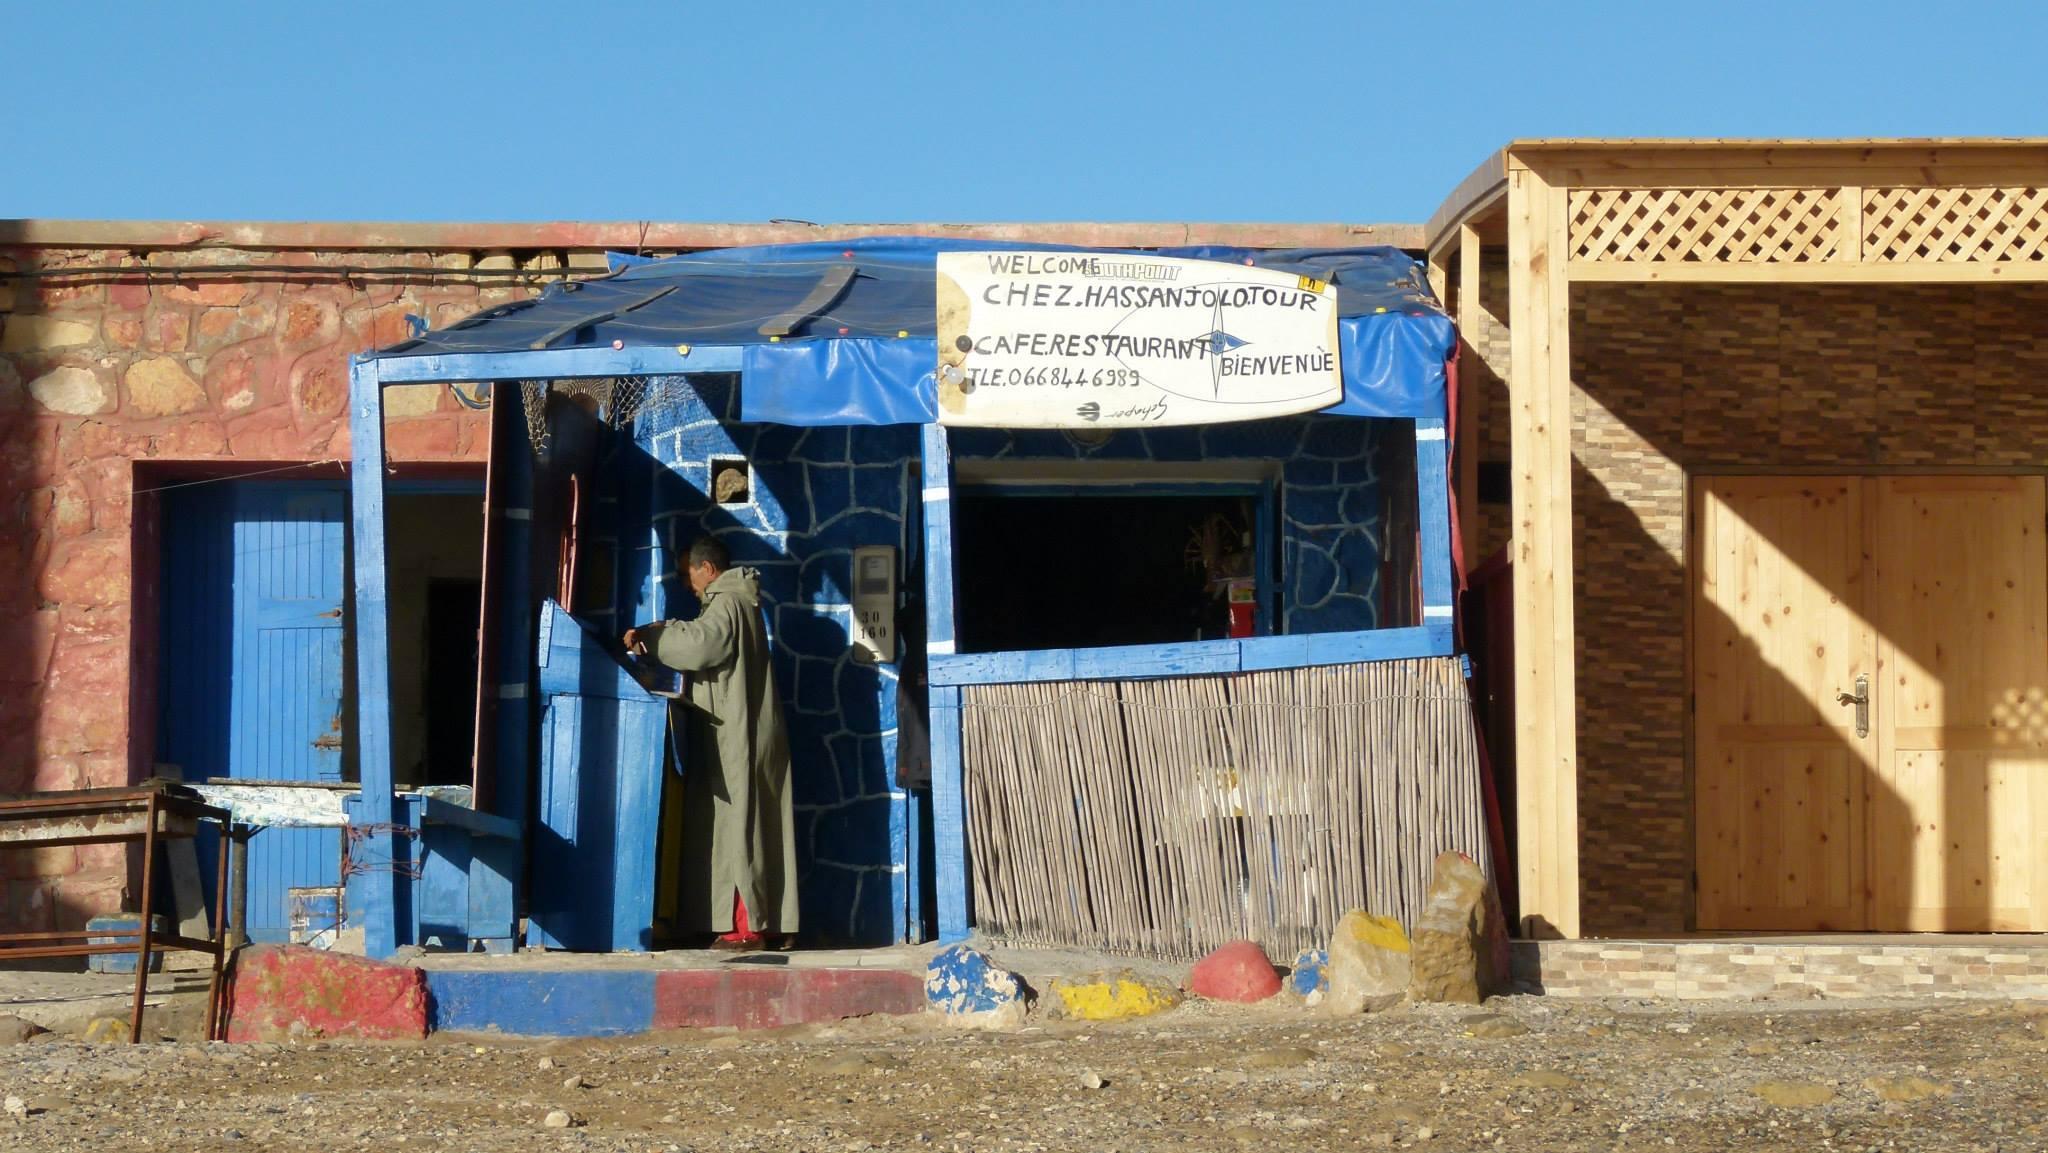 café chez hassan maroc imsouane